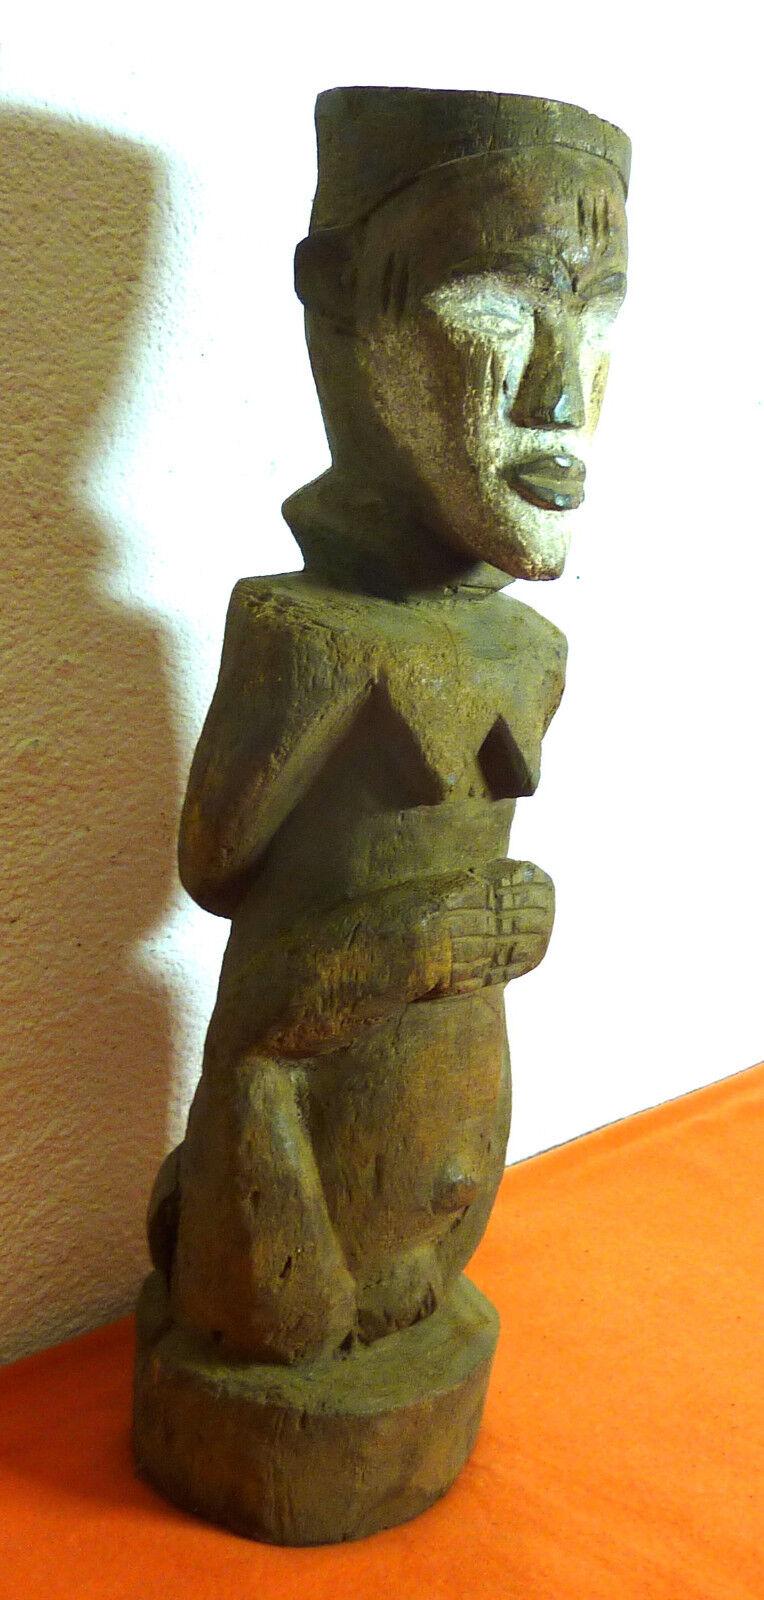 Afrikanische Kunst Fruchtbarkeitsfigur Igbo Nigeria 58 cm Weiblicher Akt Fetisch